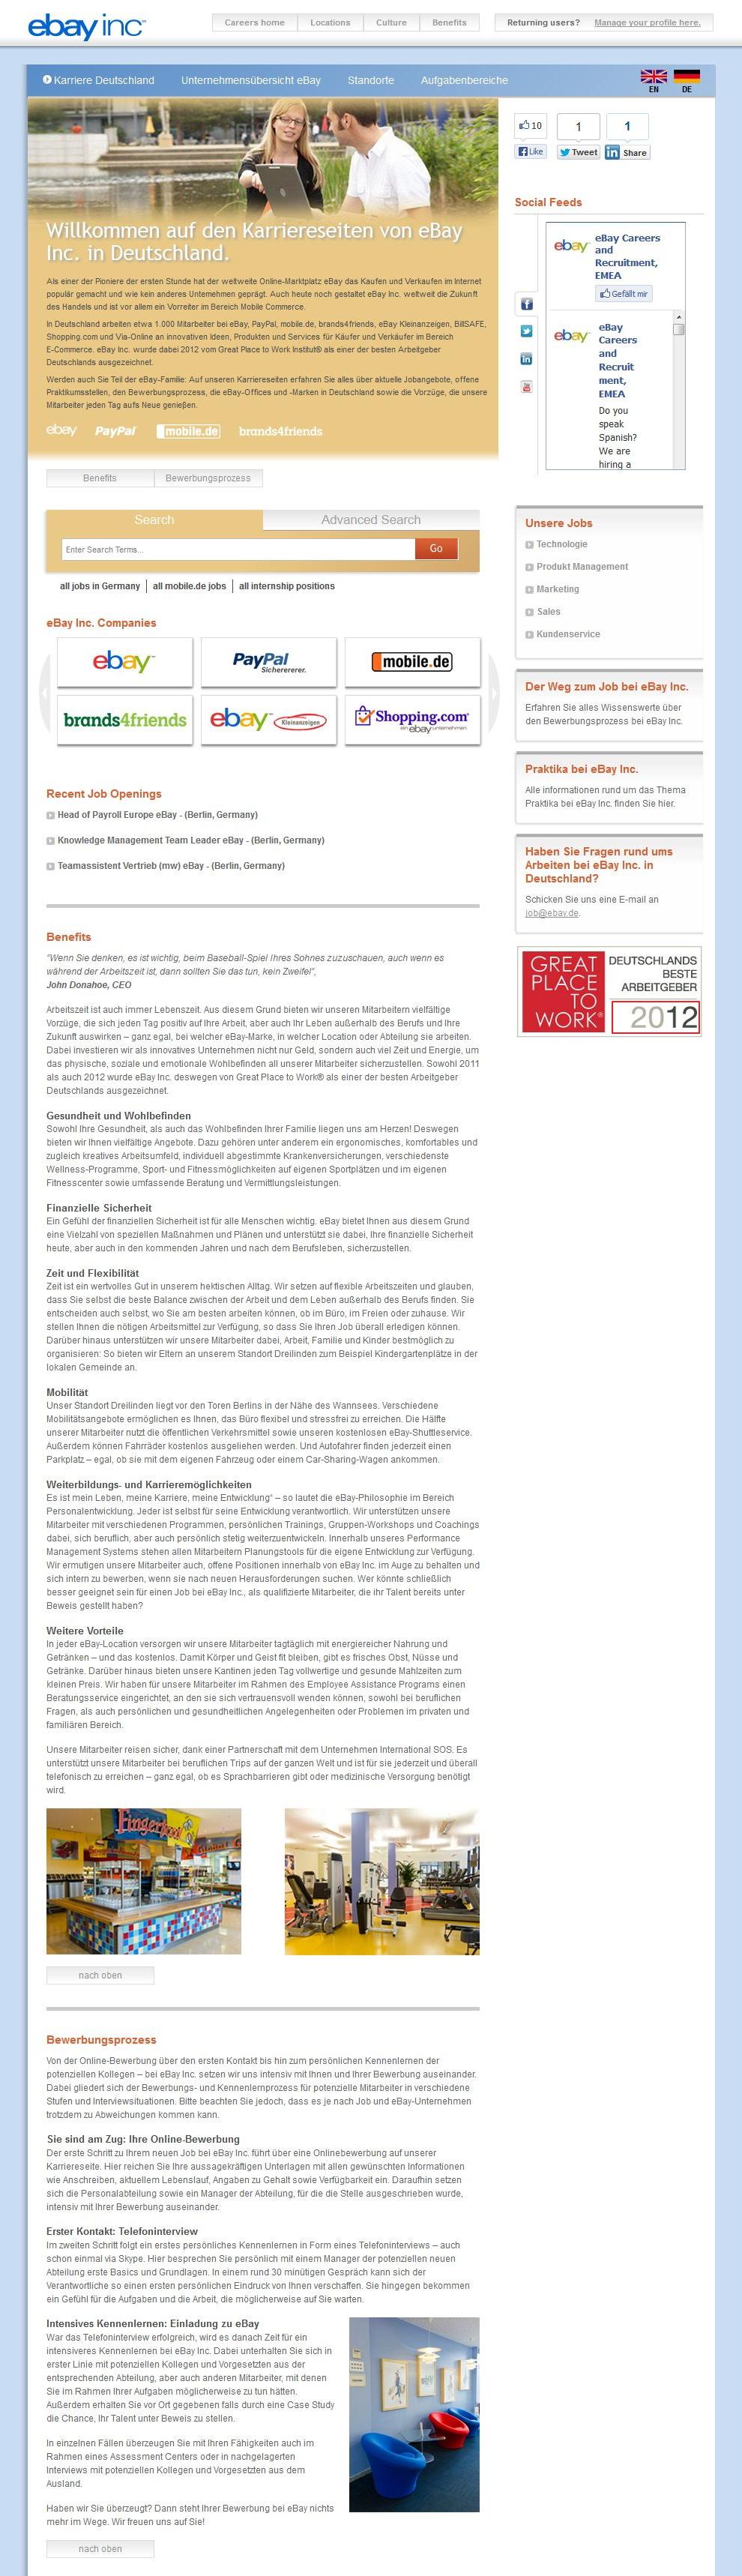 Great Place to Work - Karriere-Website von eBay - Scroll- und Textwüste